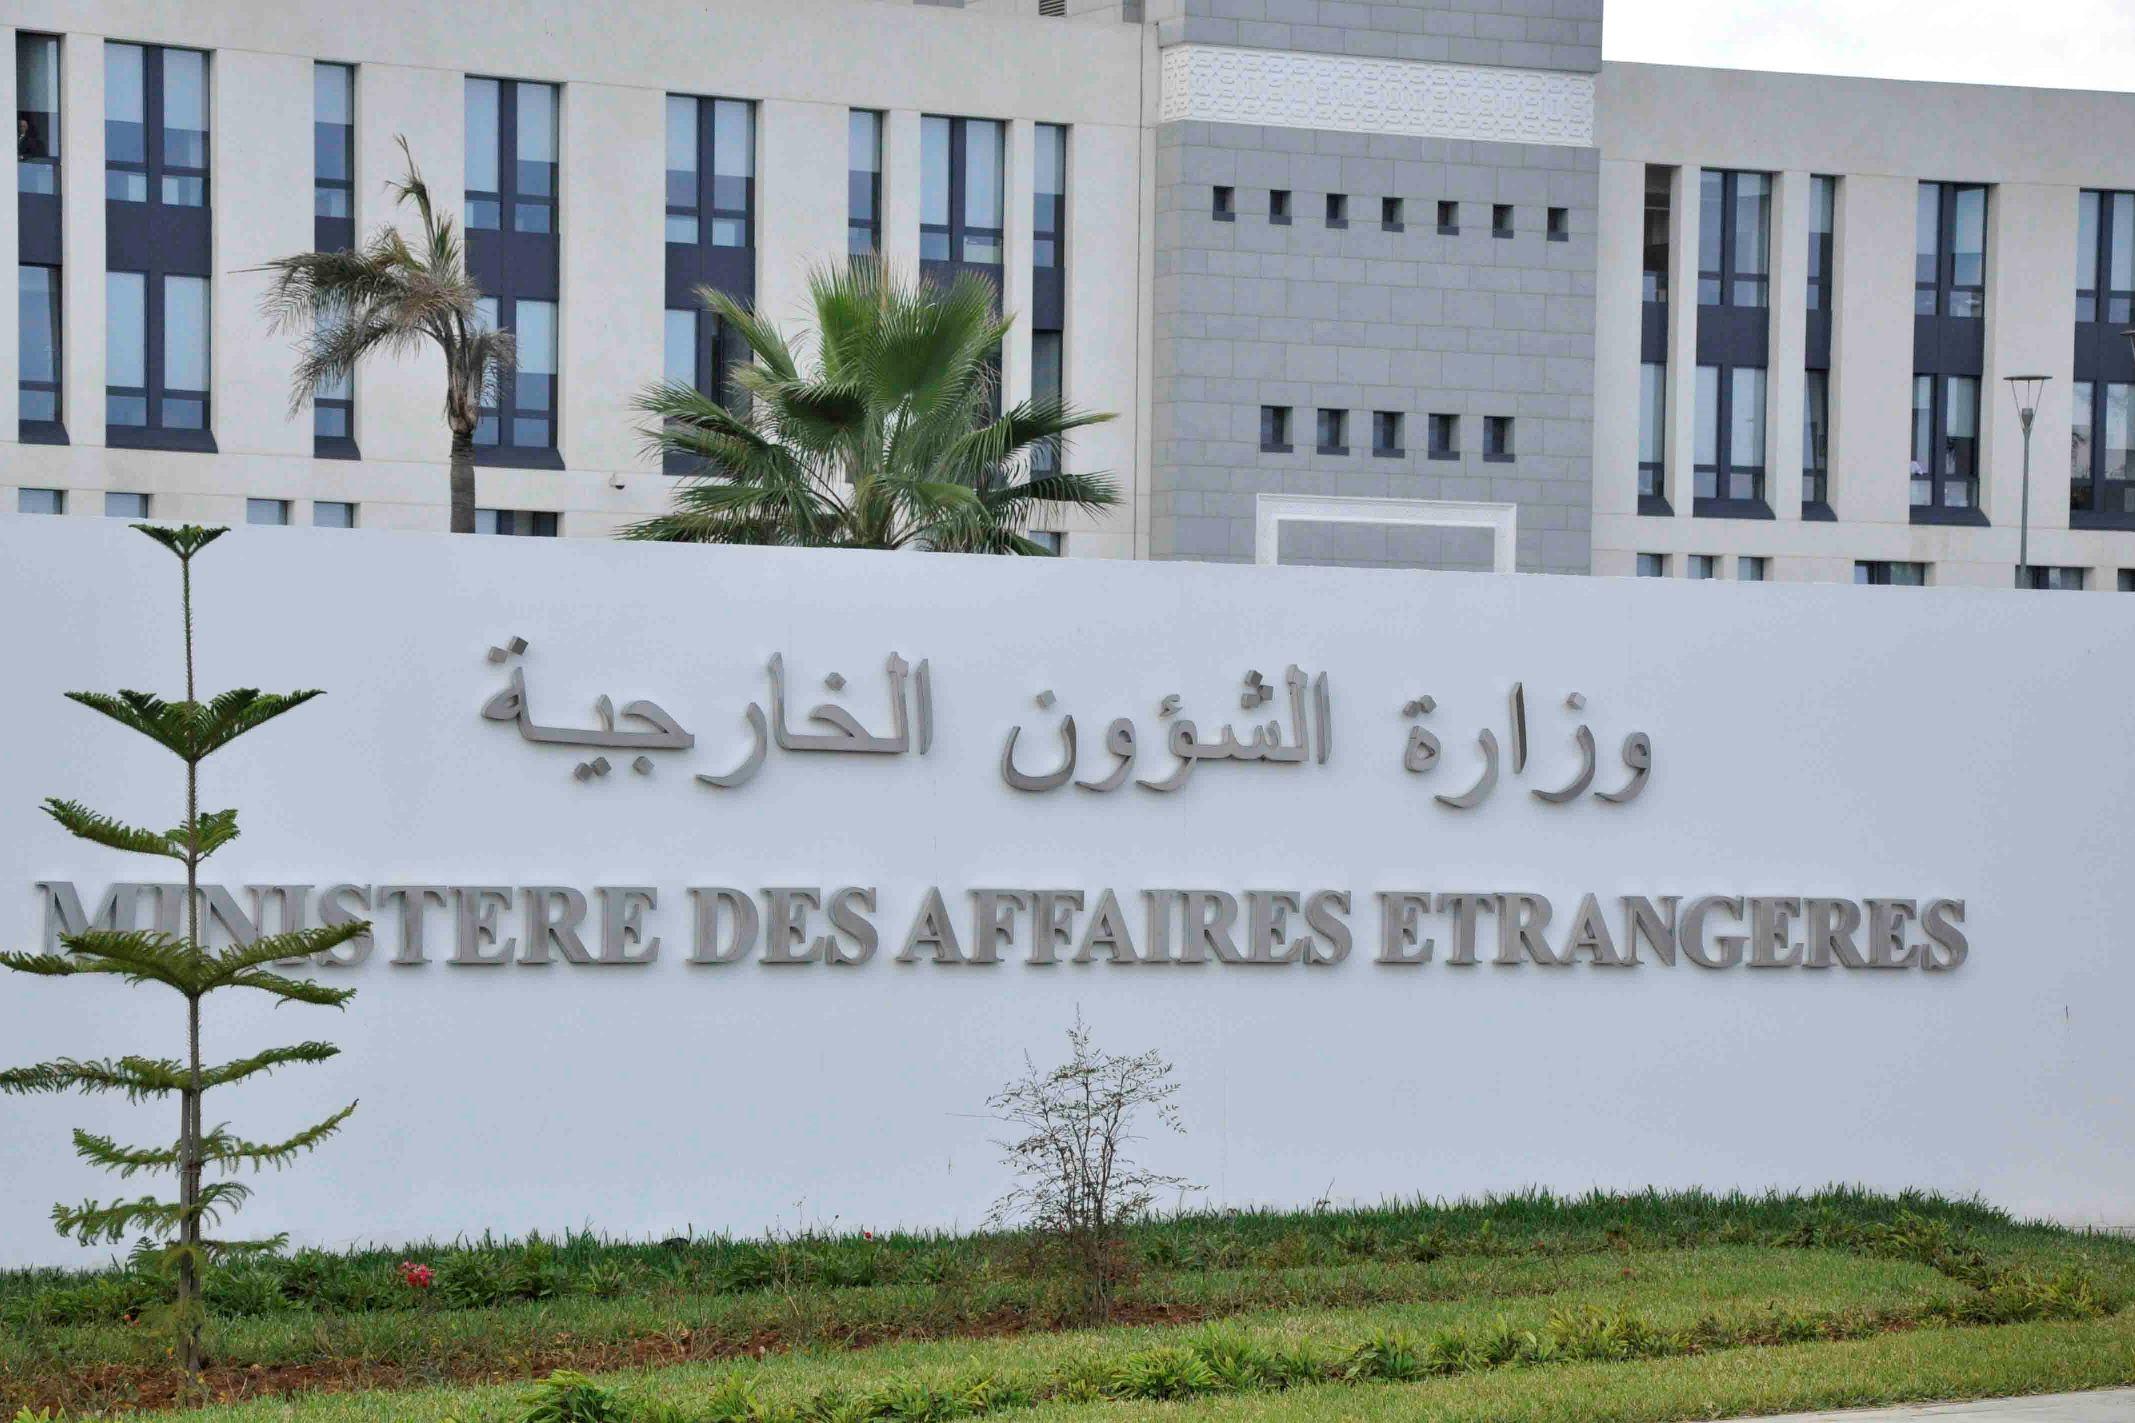 Des ministres sortants recyclés en diplomates : le pantouflage fait grincer des dents chez l'opinion publique (liste)